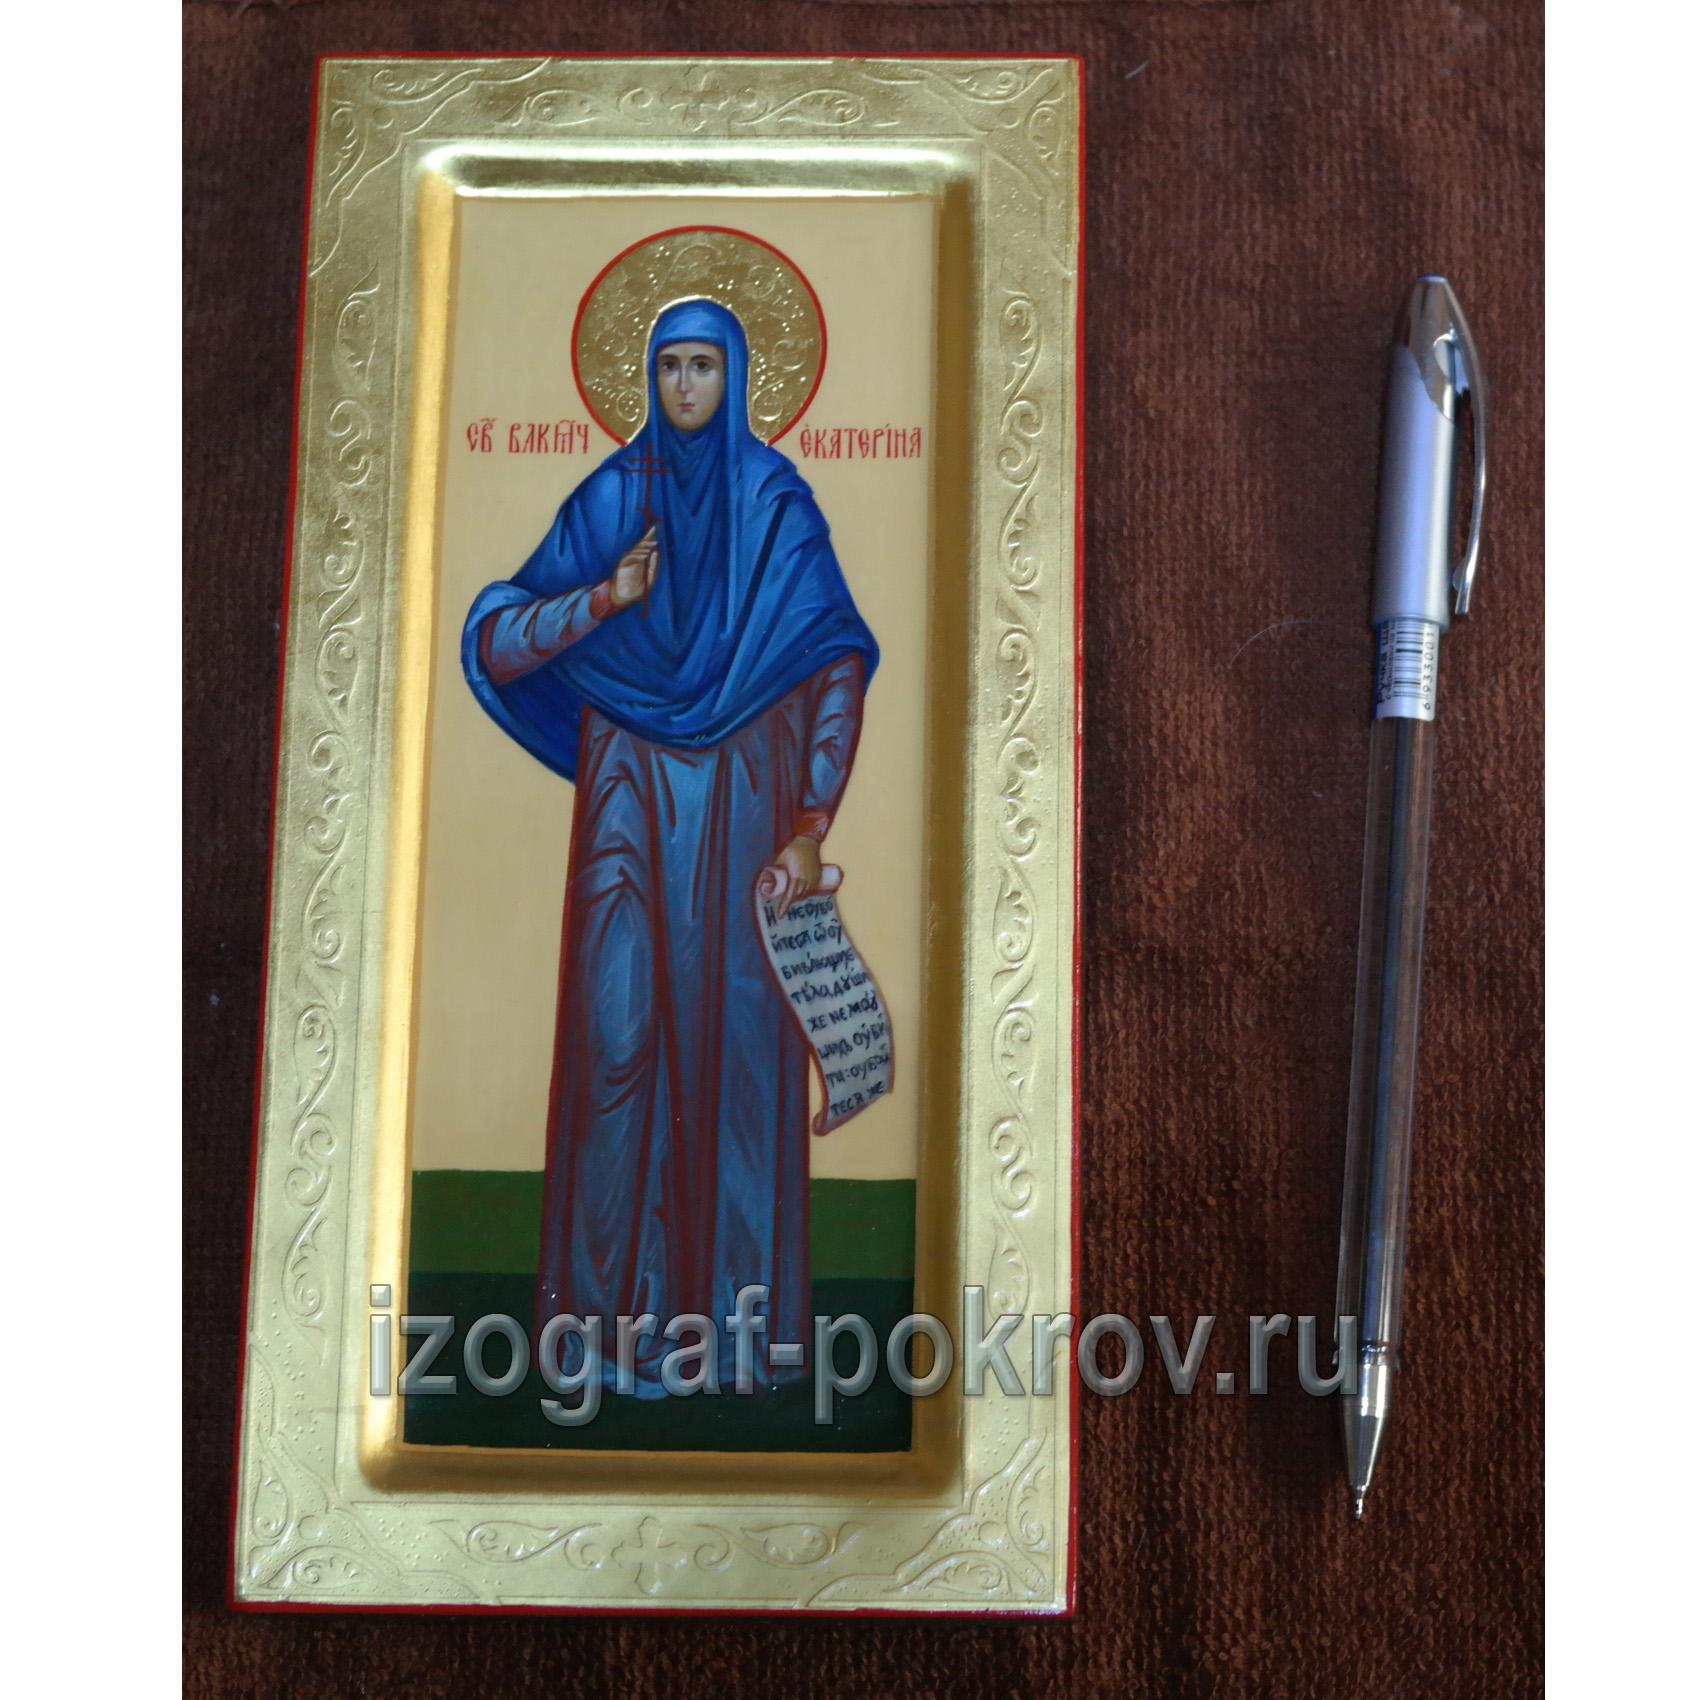 Миникопия мерной иконы Екатерина